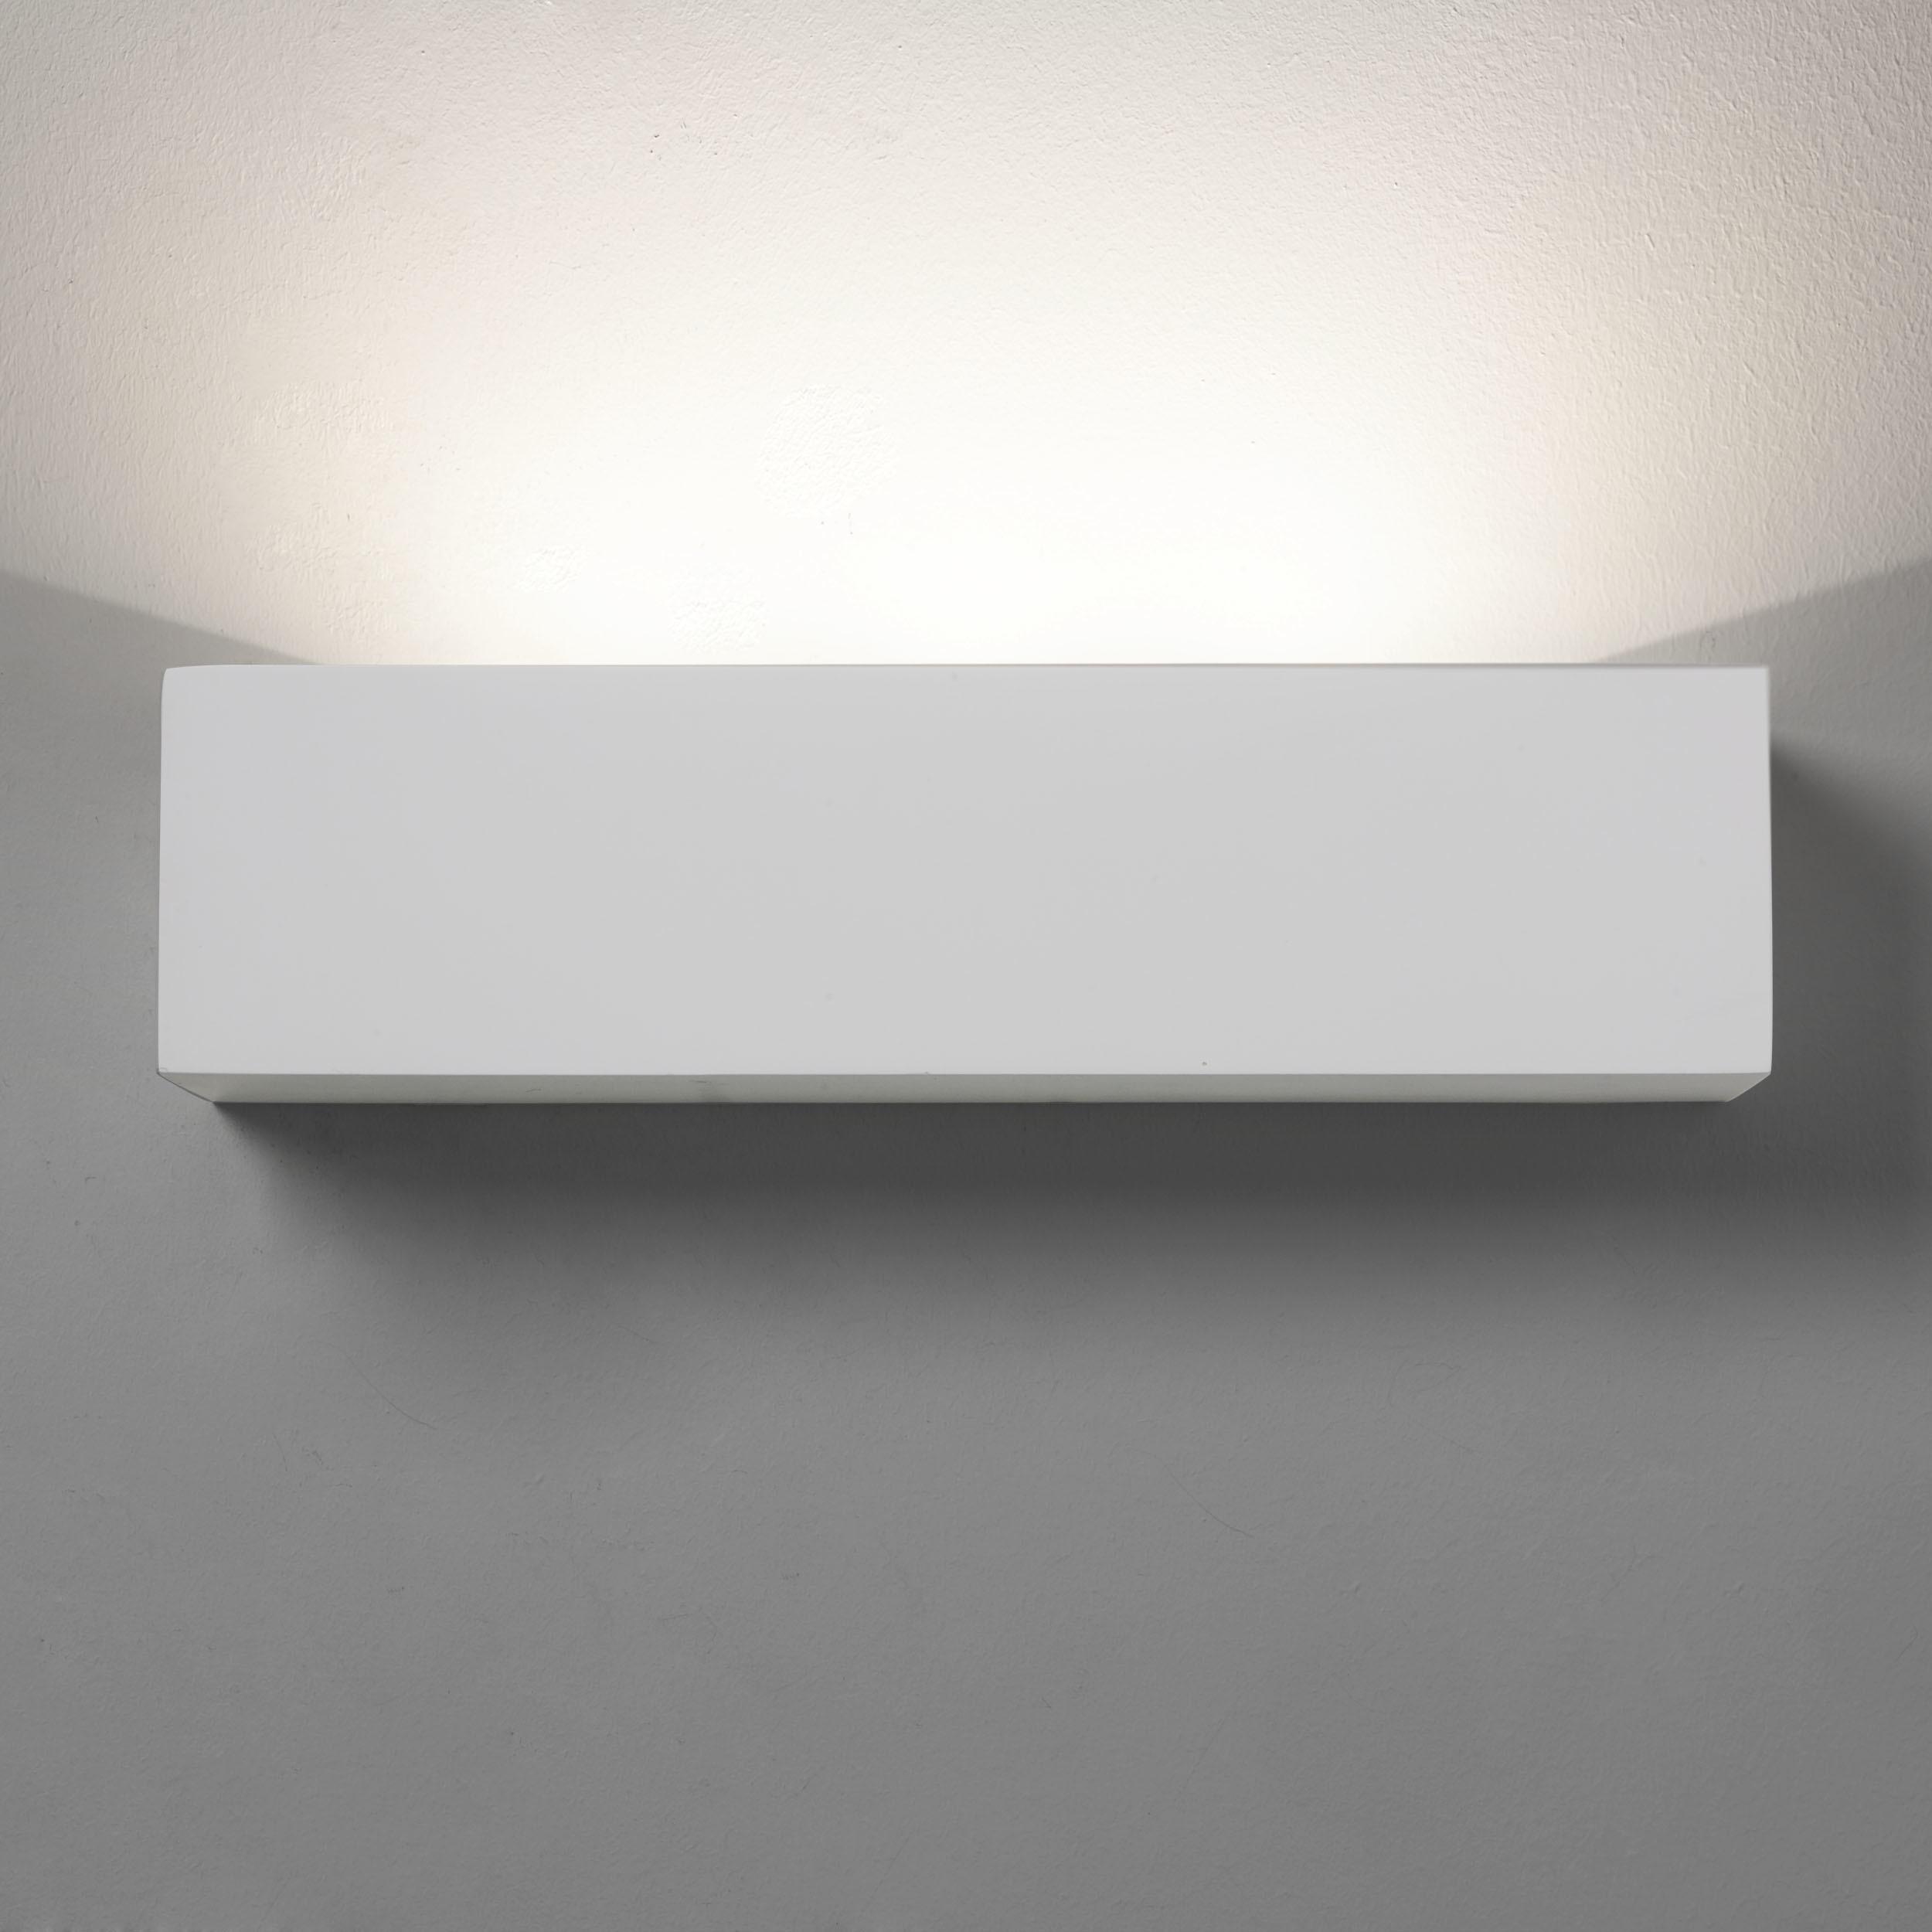 Настенный светодиодный светильник Astro Parma 1187002 (0887), LED 9,04W 3000K 301lm CRI80, белый, под покраску, гипс - фото 2